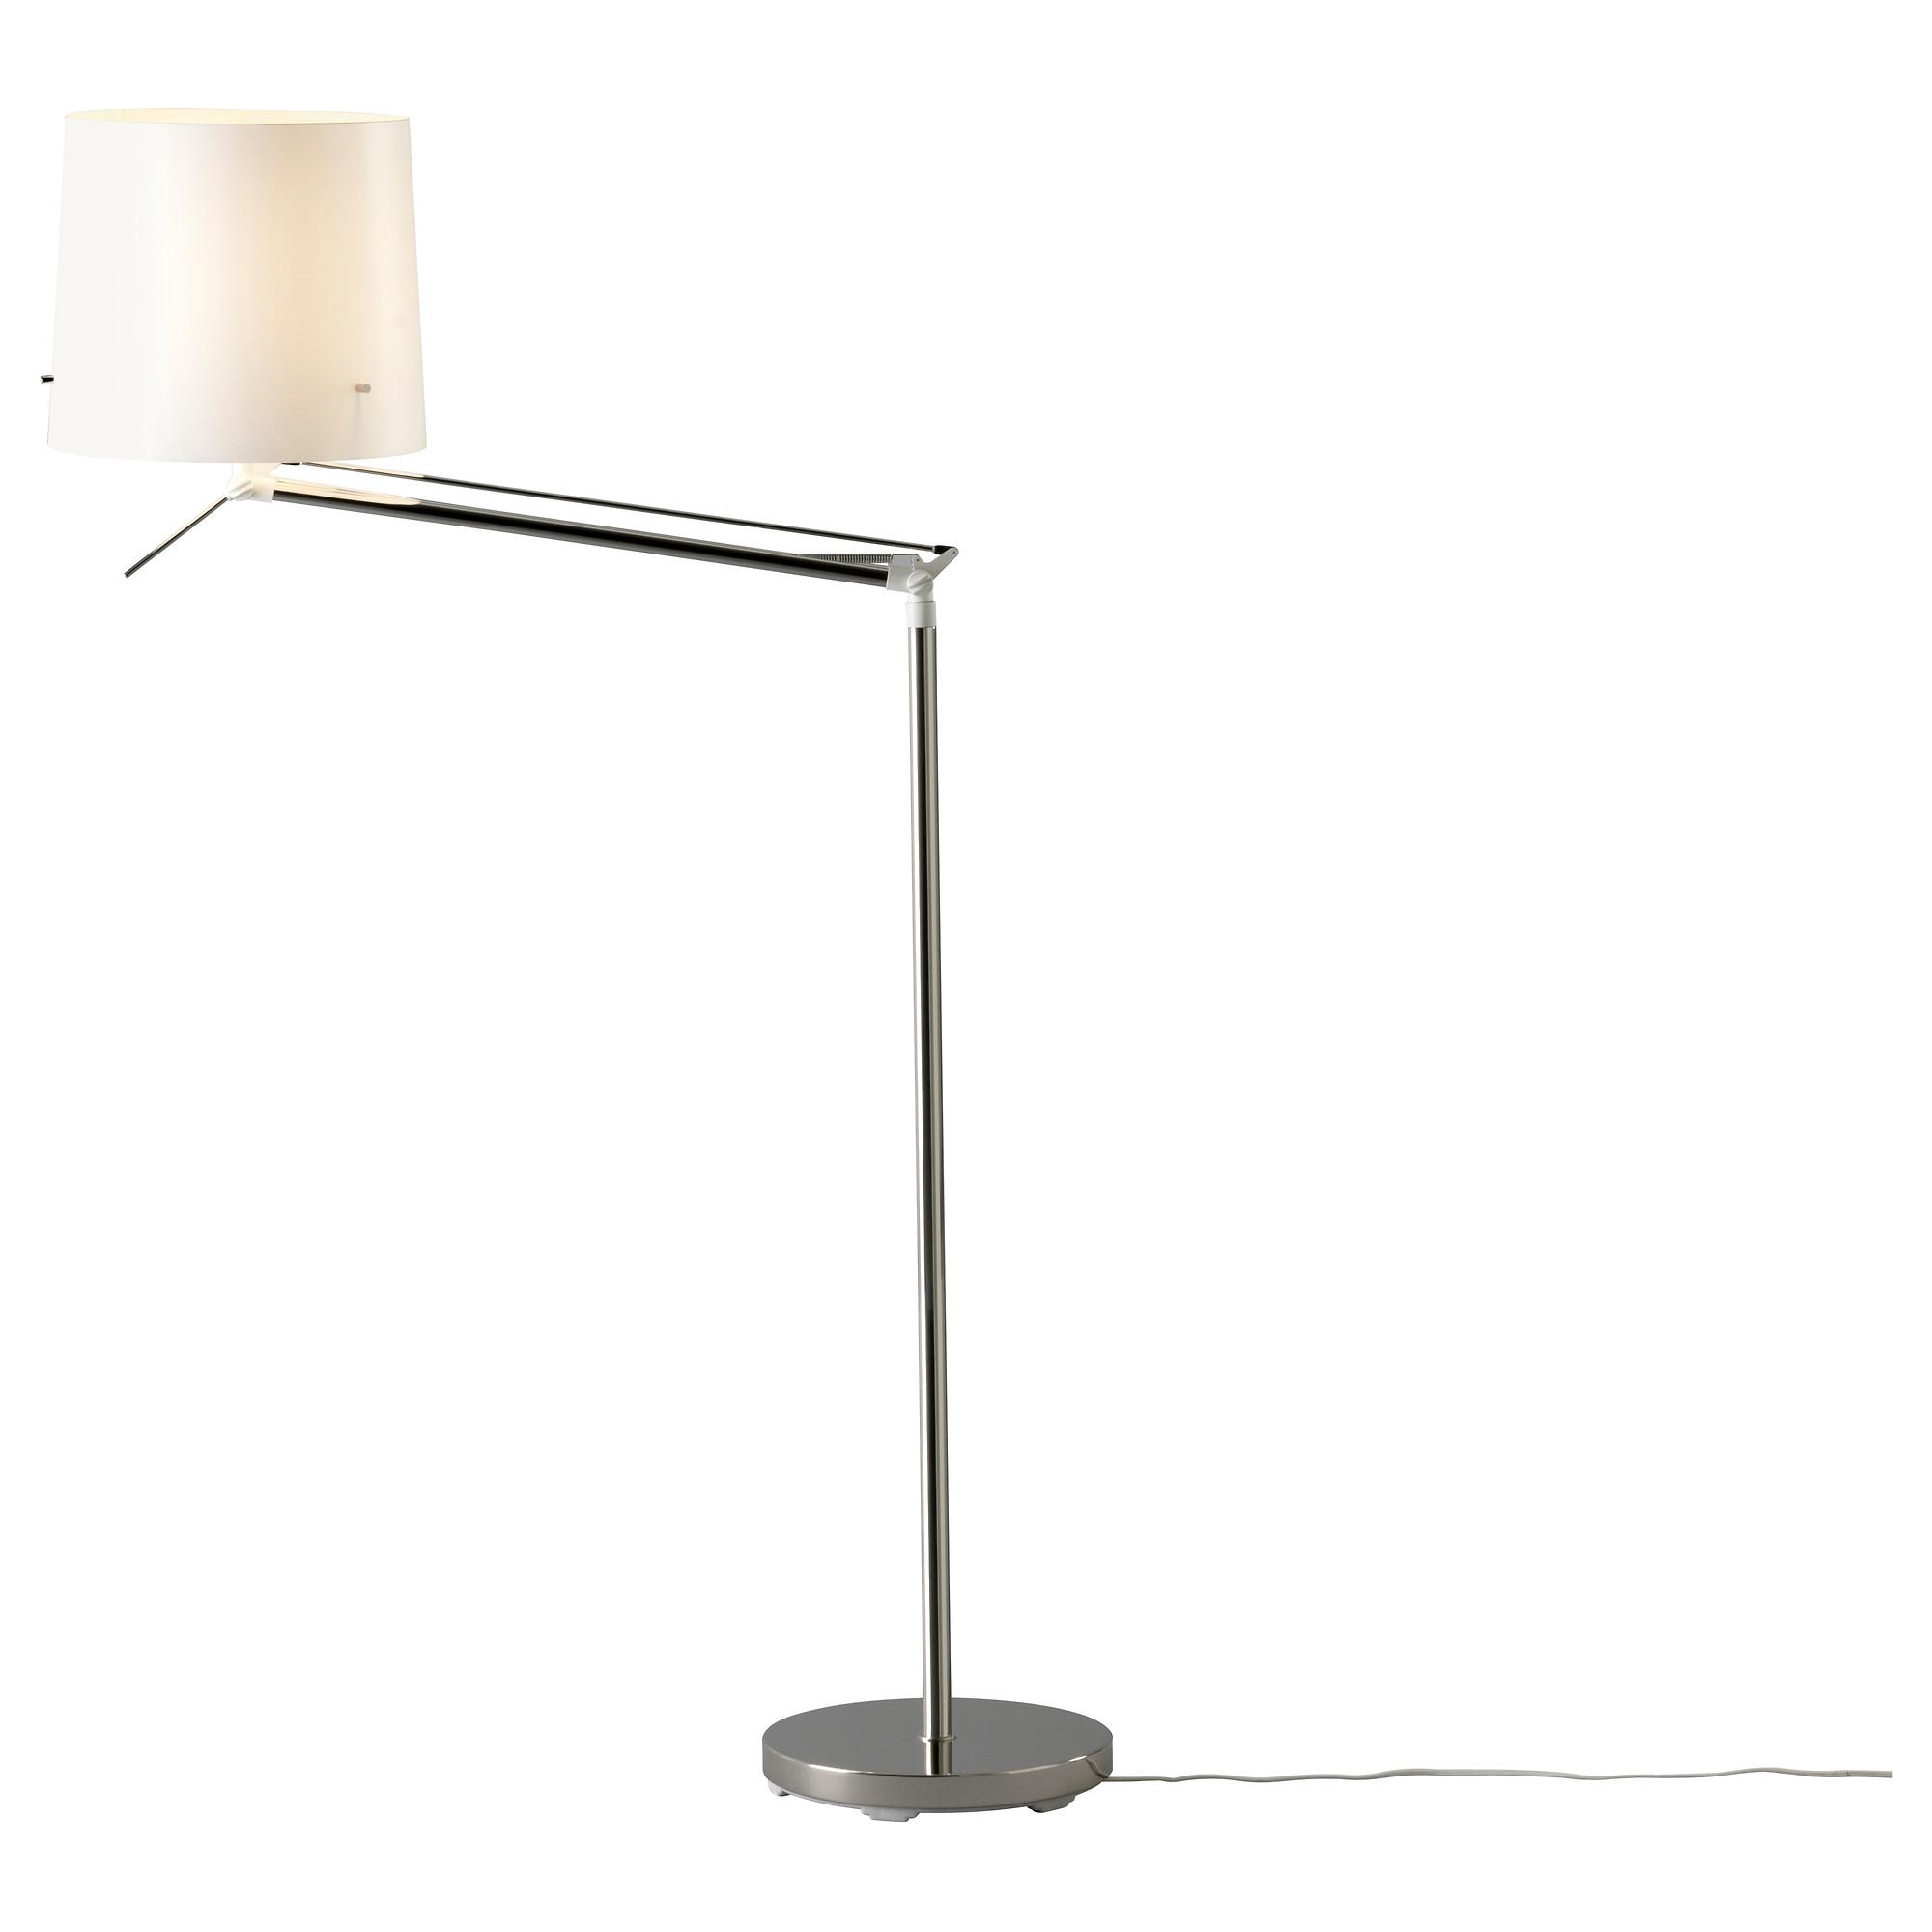 Held Mobel Ikea Floor Lamps Komnit Lighting